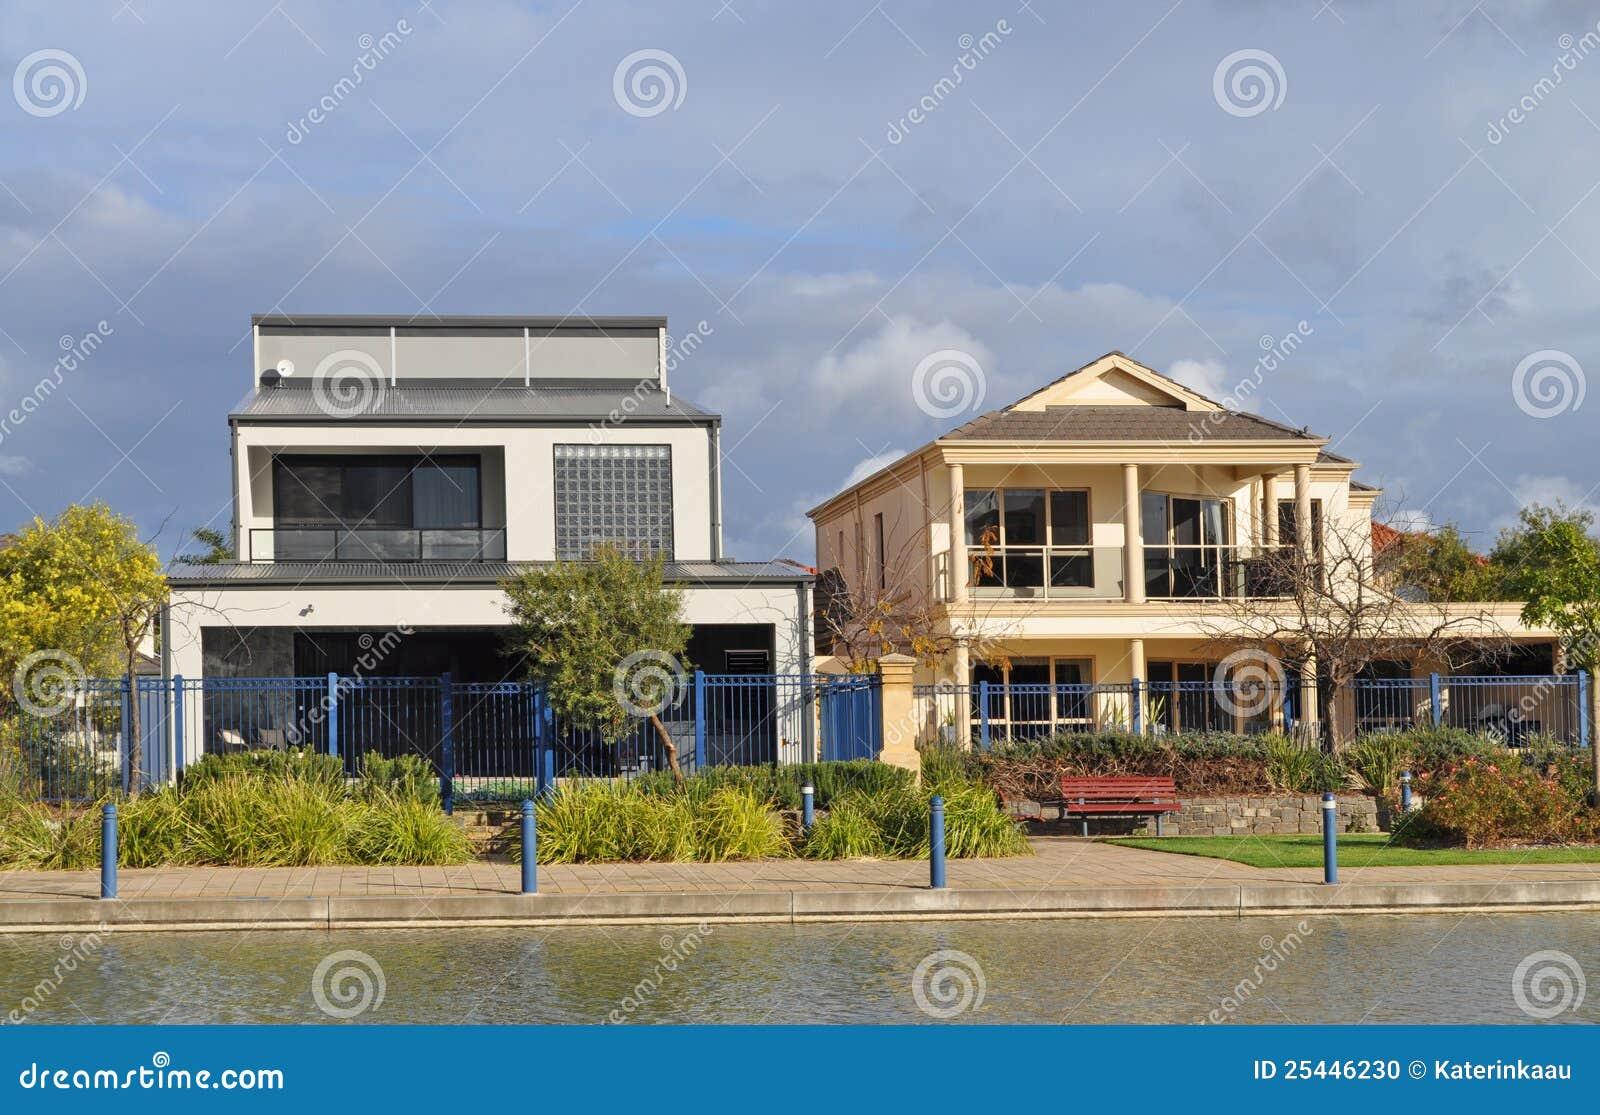 Case Tipiche Australiane : Case australiane sul lago fotografia stock. immagine di architettura